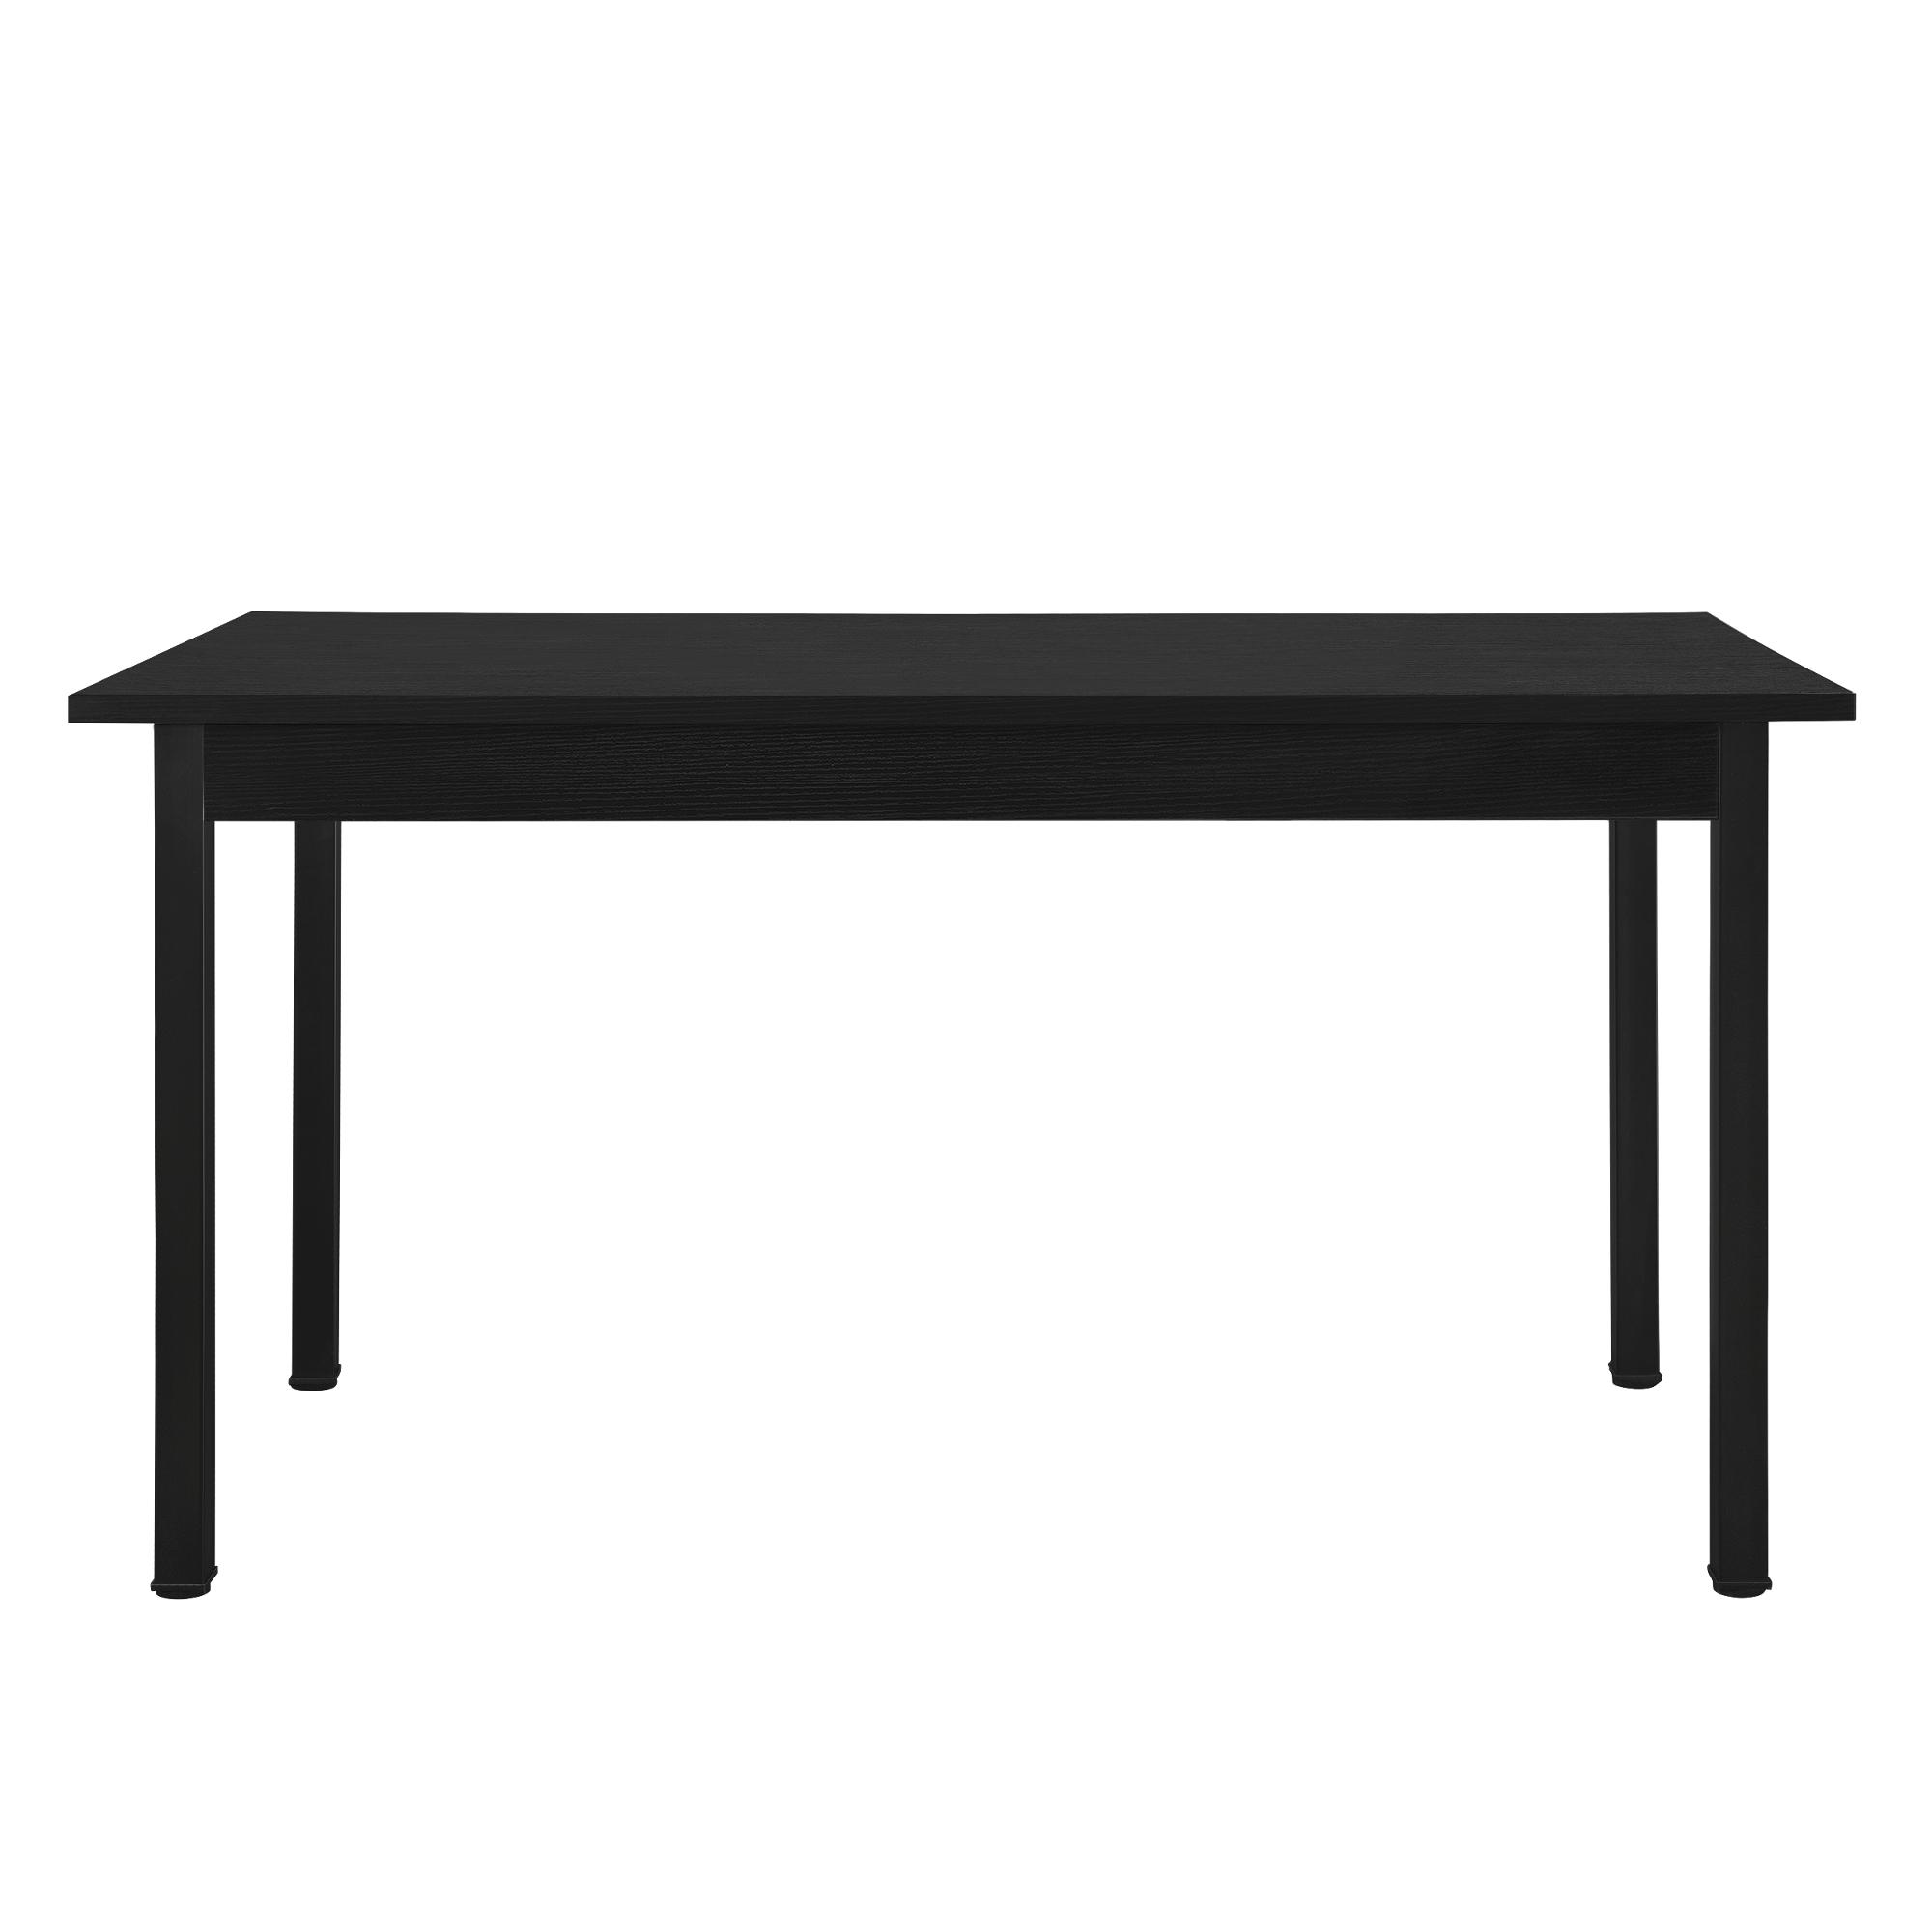 B-WARE Esstisch schwarz [140x60cm] Küchentisch Esszimmertisch Tisch modern